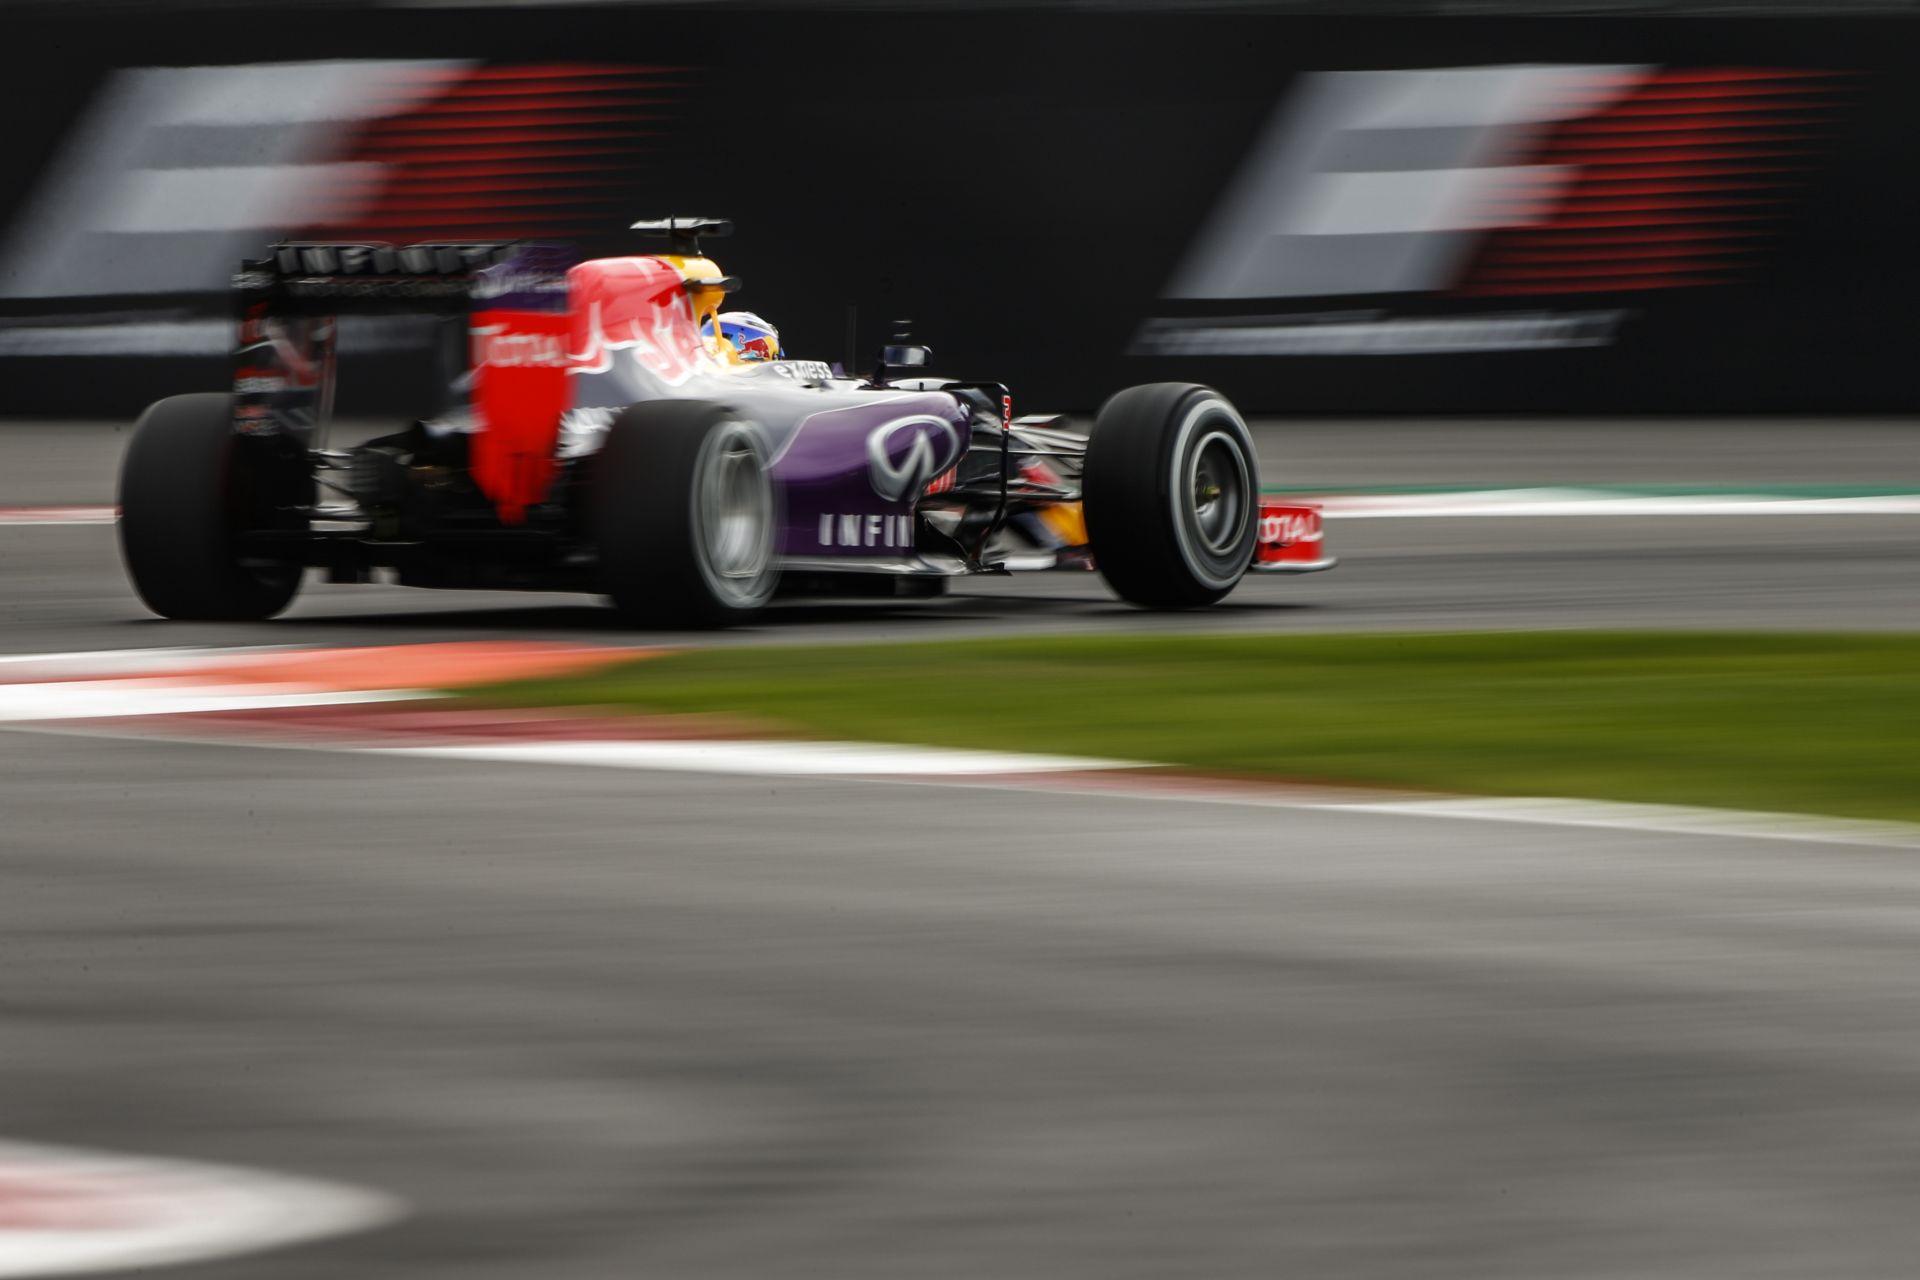 Itt van Ricciardo onboard videója, ahogy eltalálja Vettel autóját